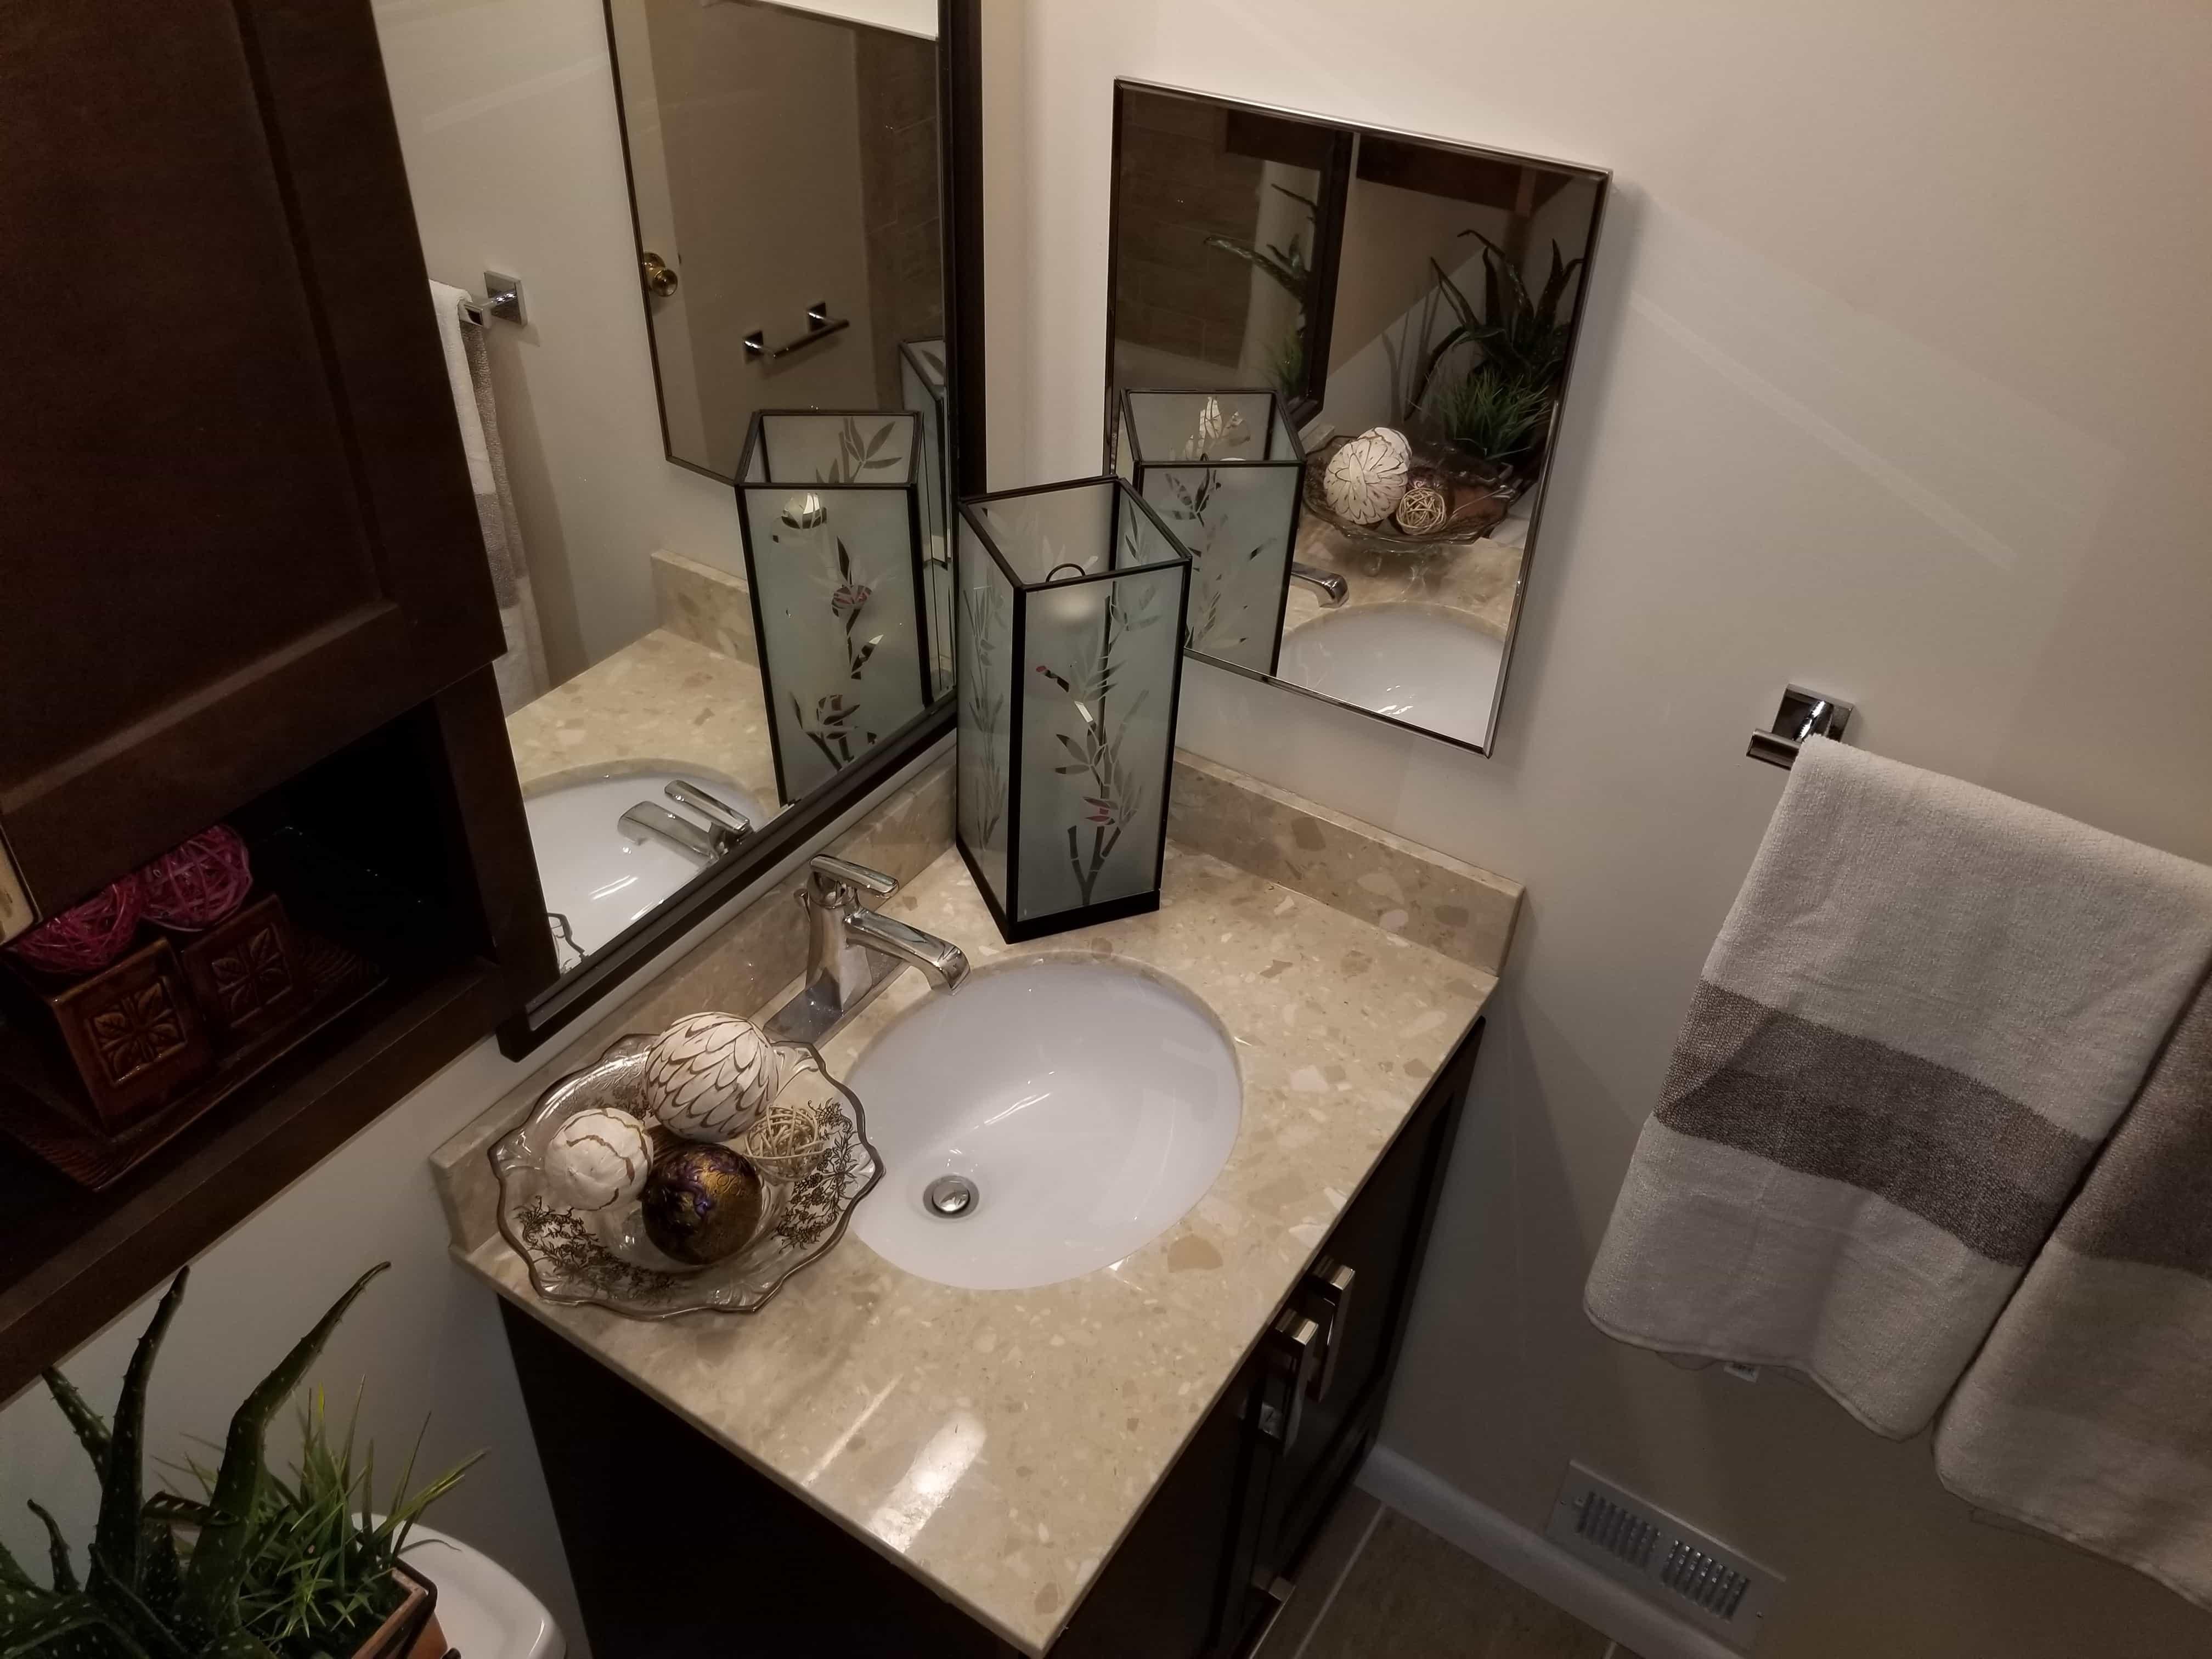 https://0201.nccdn.net/1_2/000/000/09e/e2a/BathroomSinkVanities-min-4032x3024.jpg